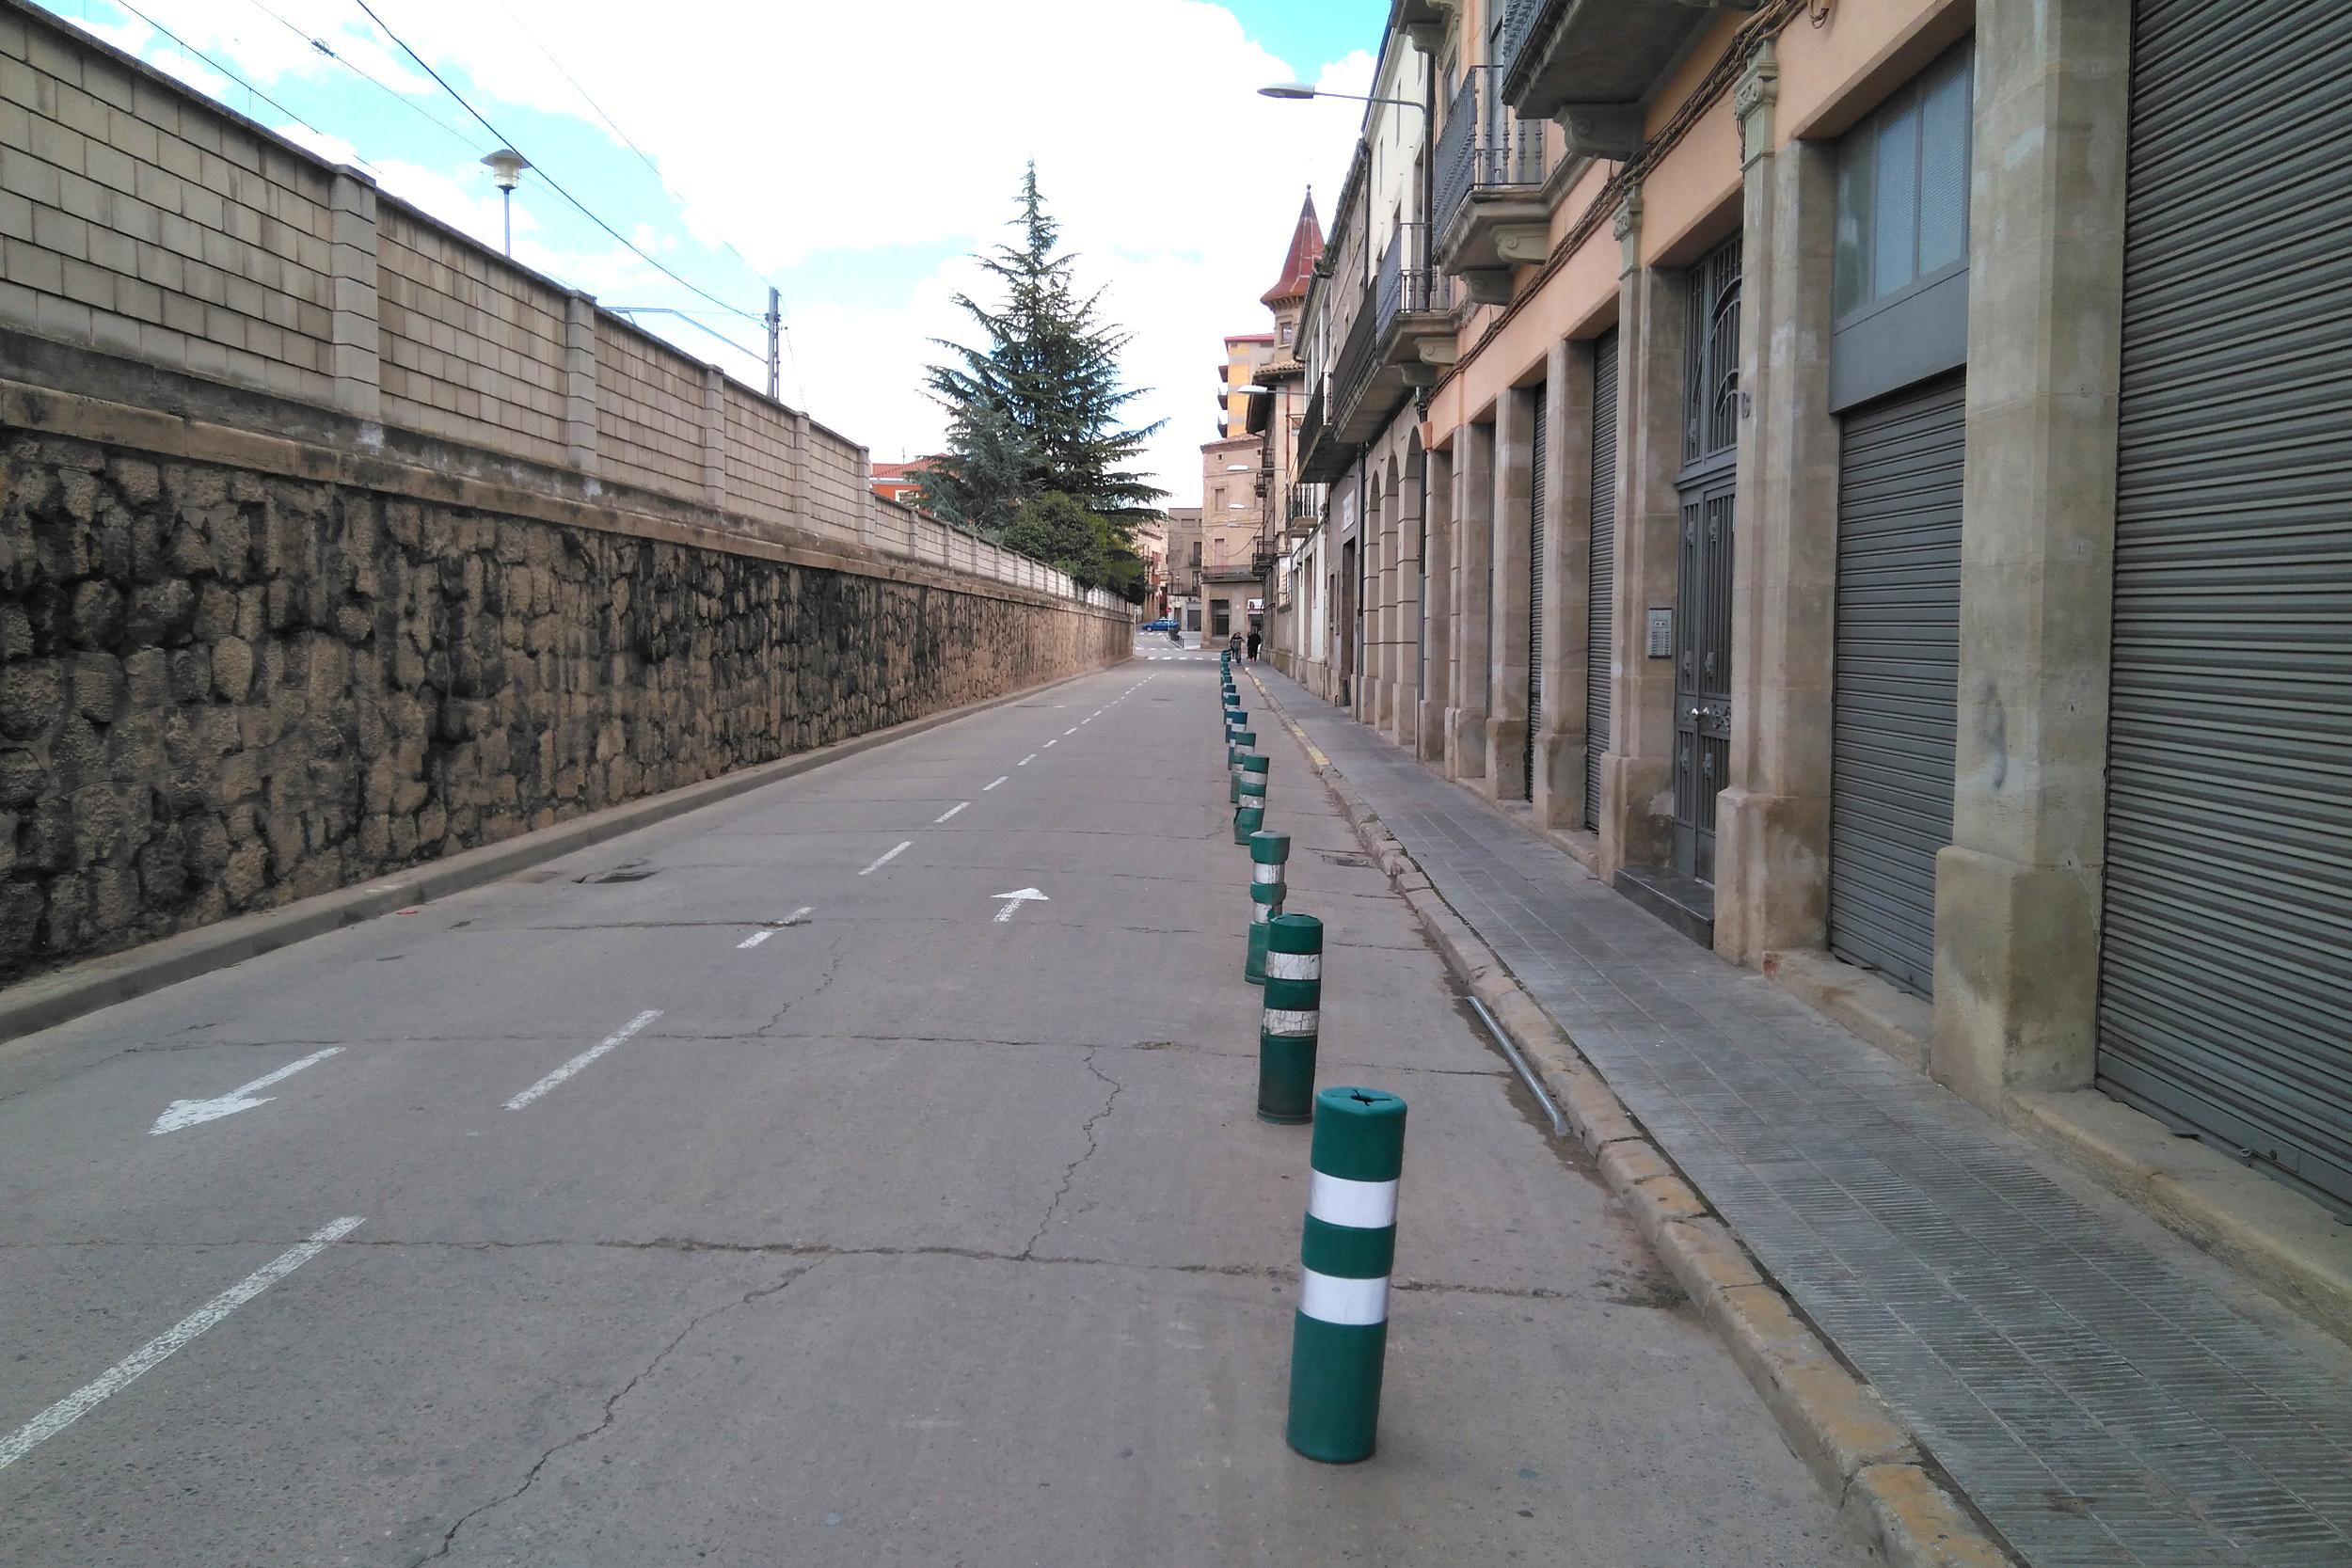 L'Ajuntament de Tàrrega aprova el projecte d'ampliació de la vorera sud del carrer del Segle XX